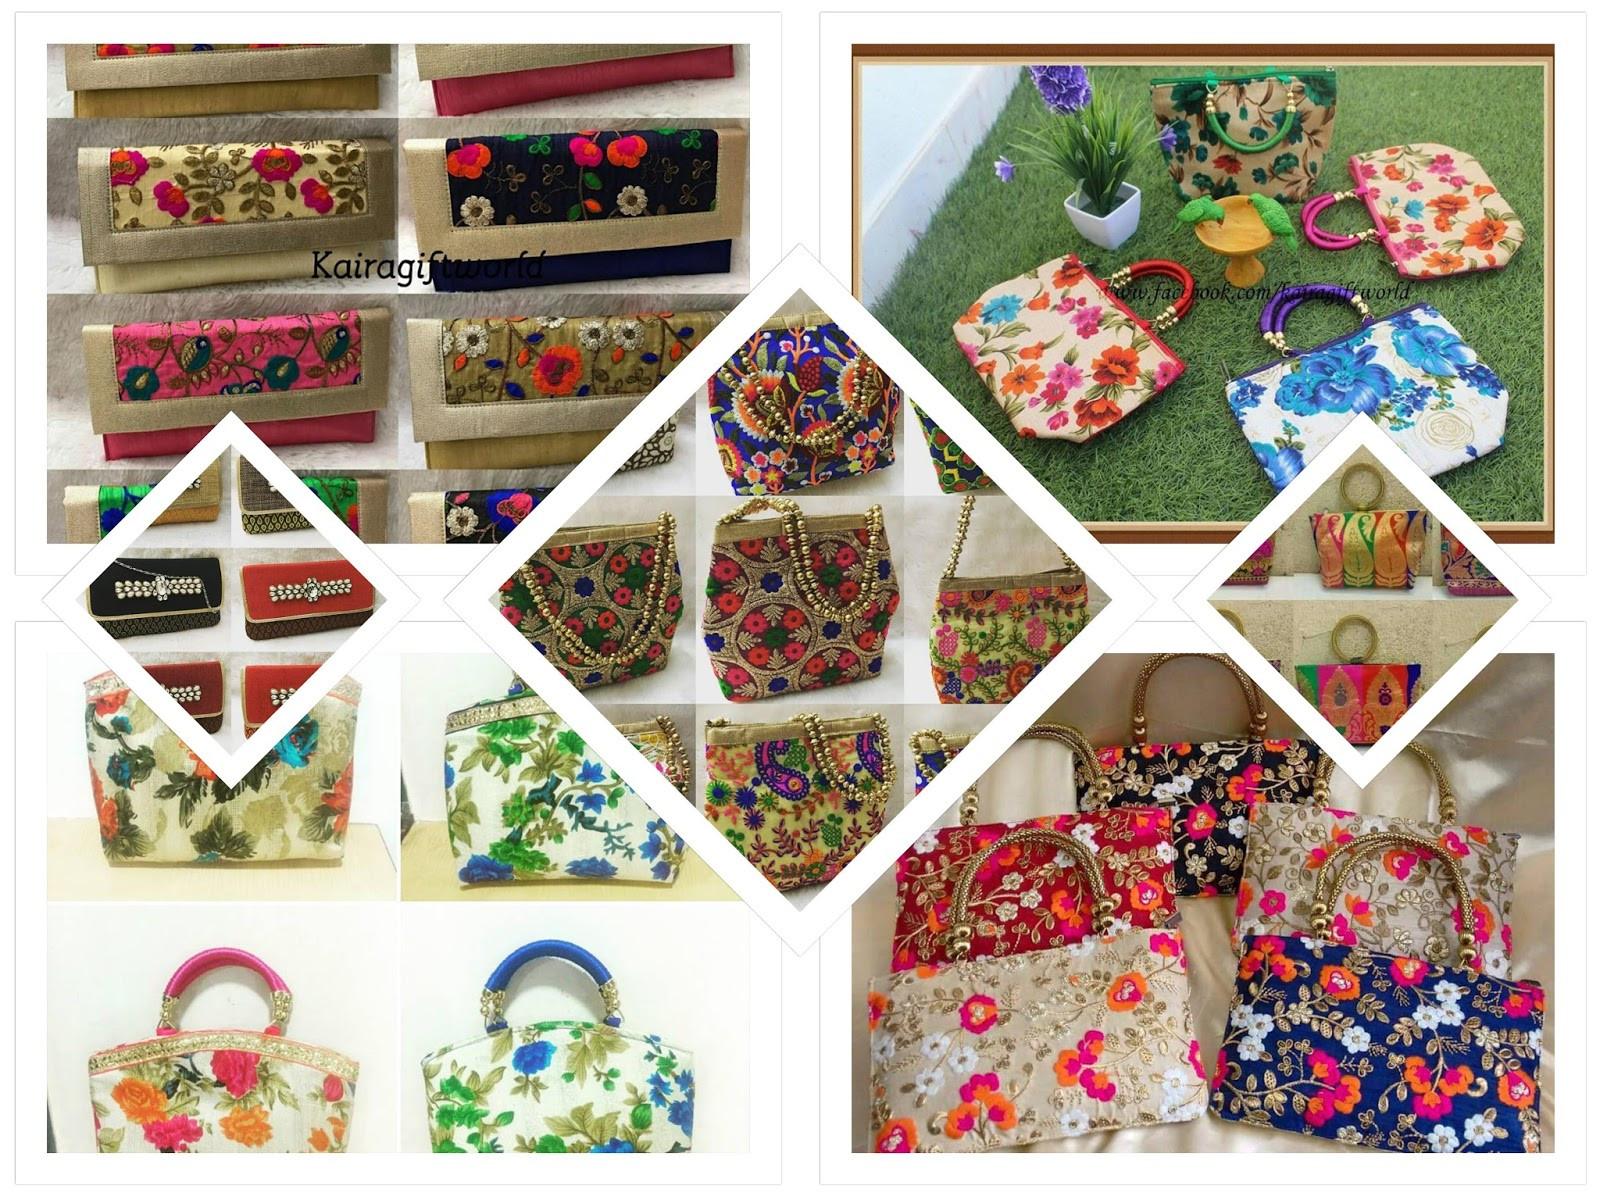 Best ideas about Baby Shower Return Gift Ideas . Save or Pin Best Indian Return Gift Ideas for Baby Shower Seemantham Now.